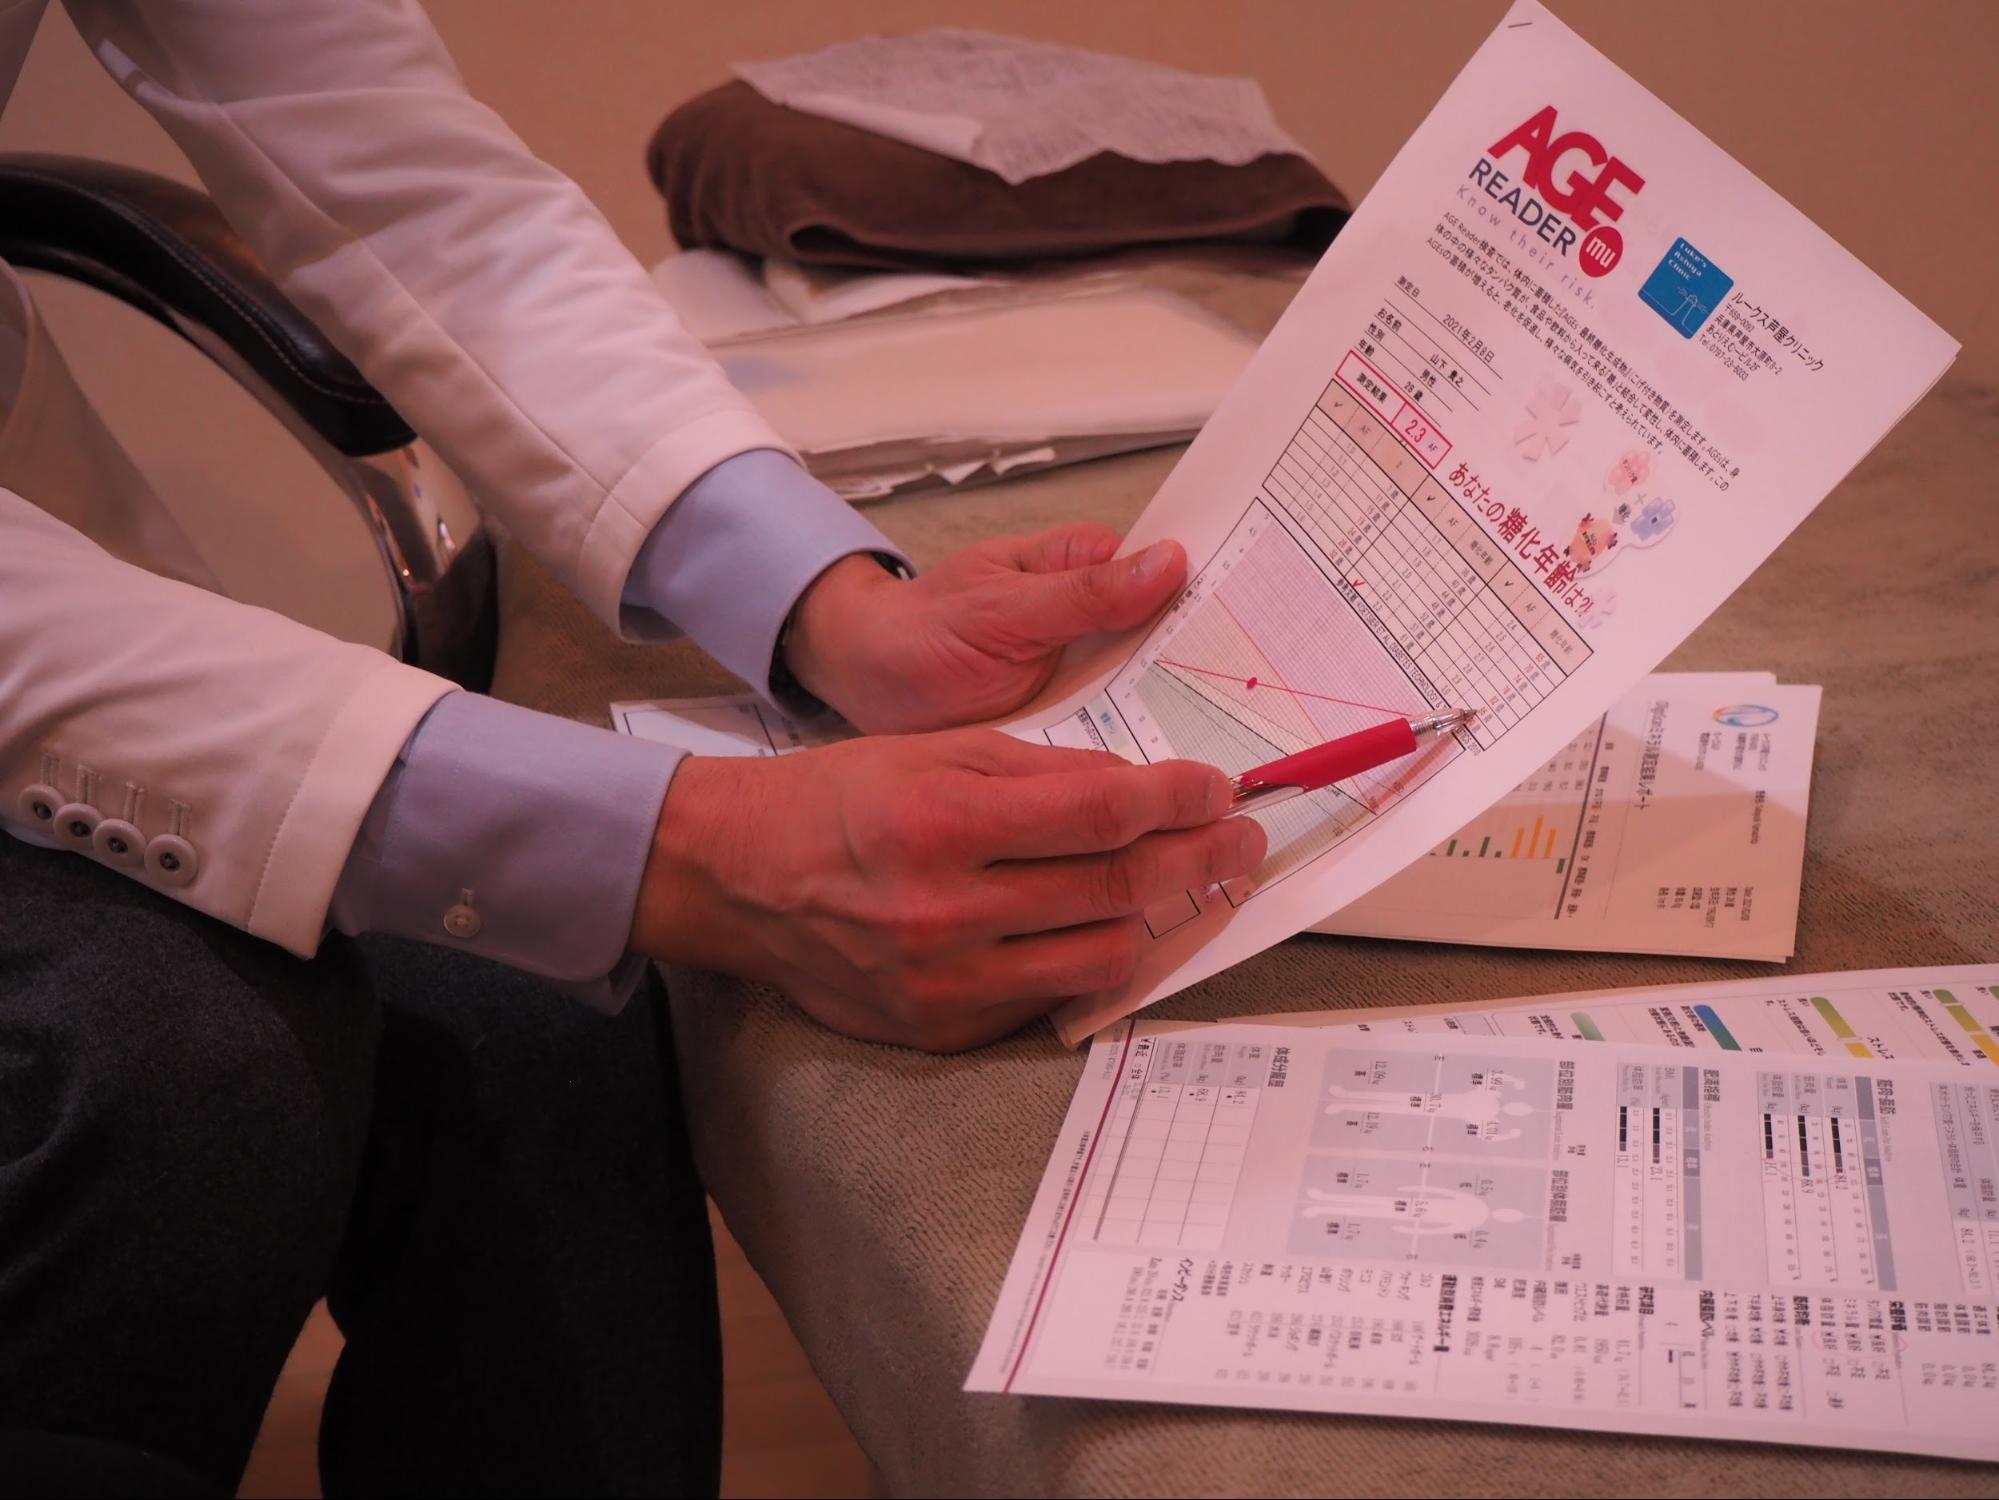 終末糖化産物(AGEs)検査